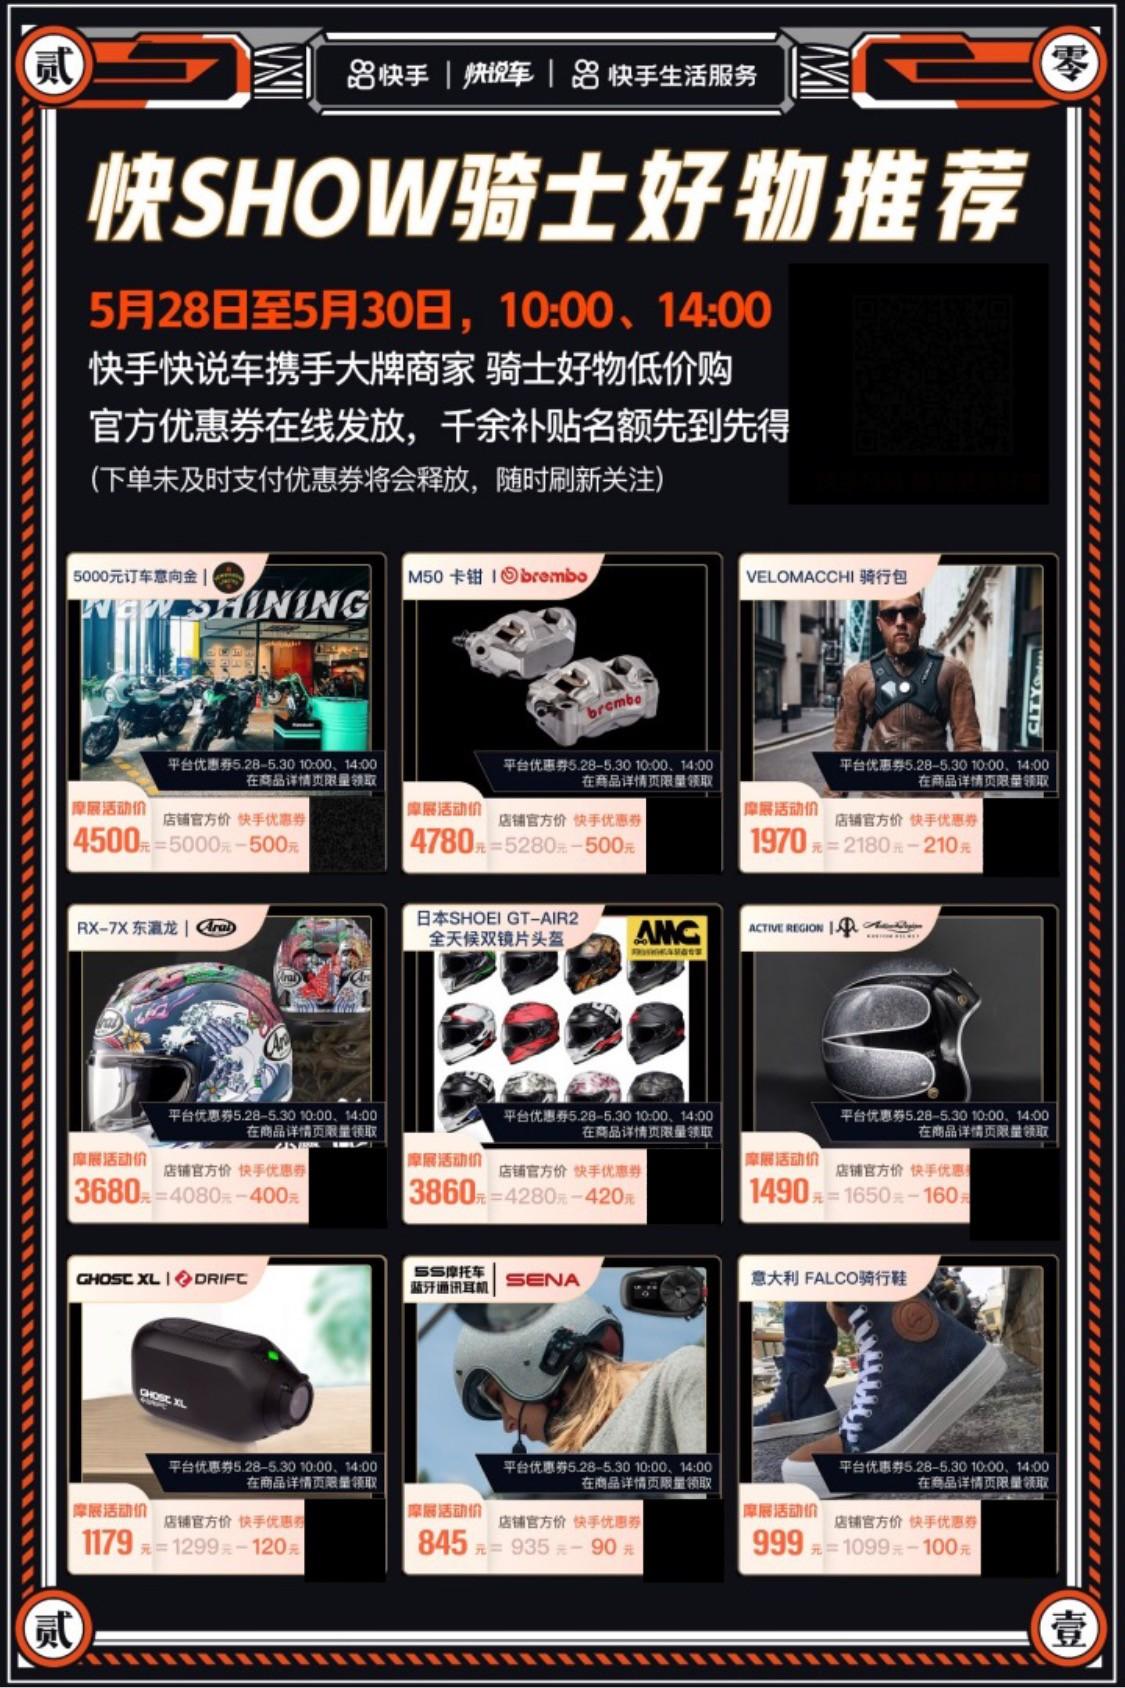 乐享骑行 快手快说车联合Ace Cafe亮相北京国际摩托车展-第15张图片-汽车笔记网